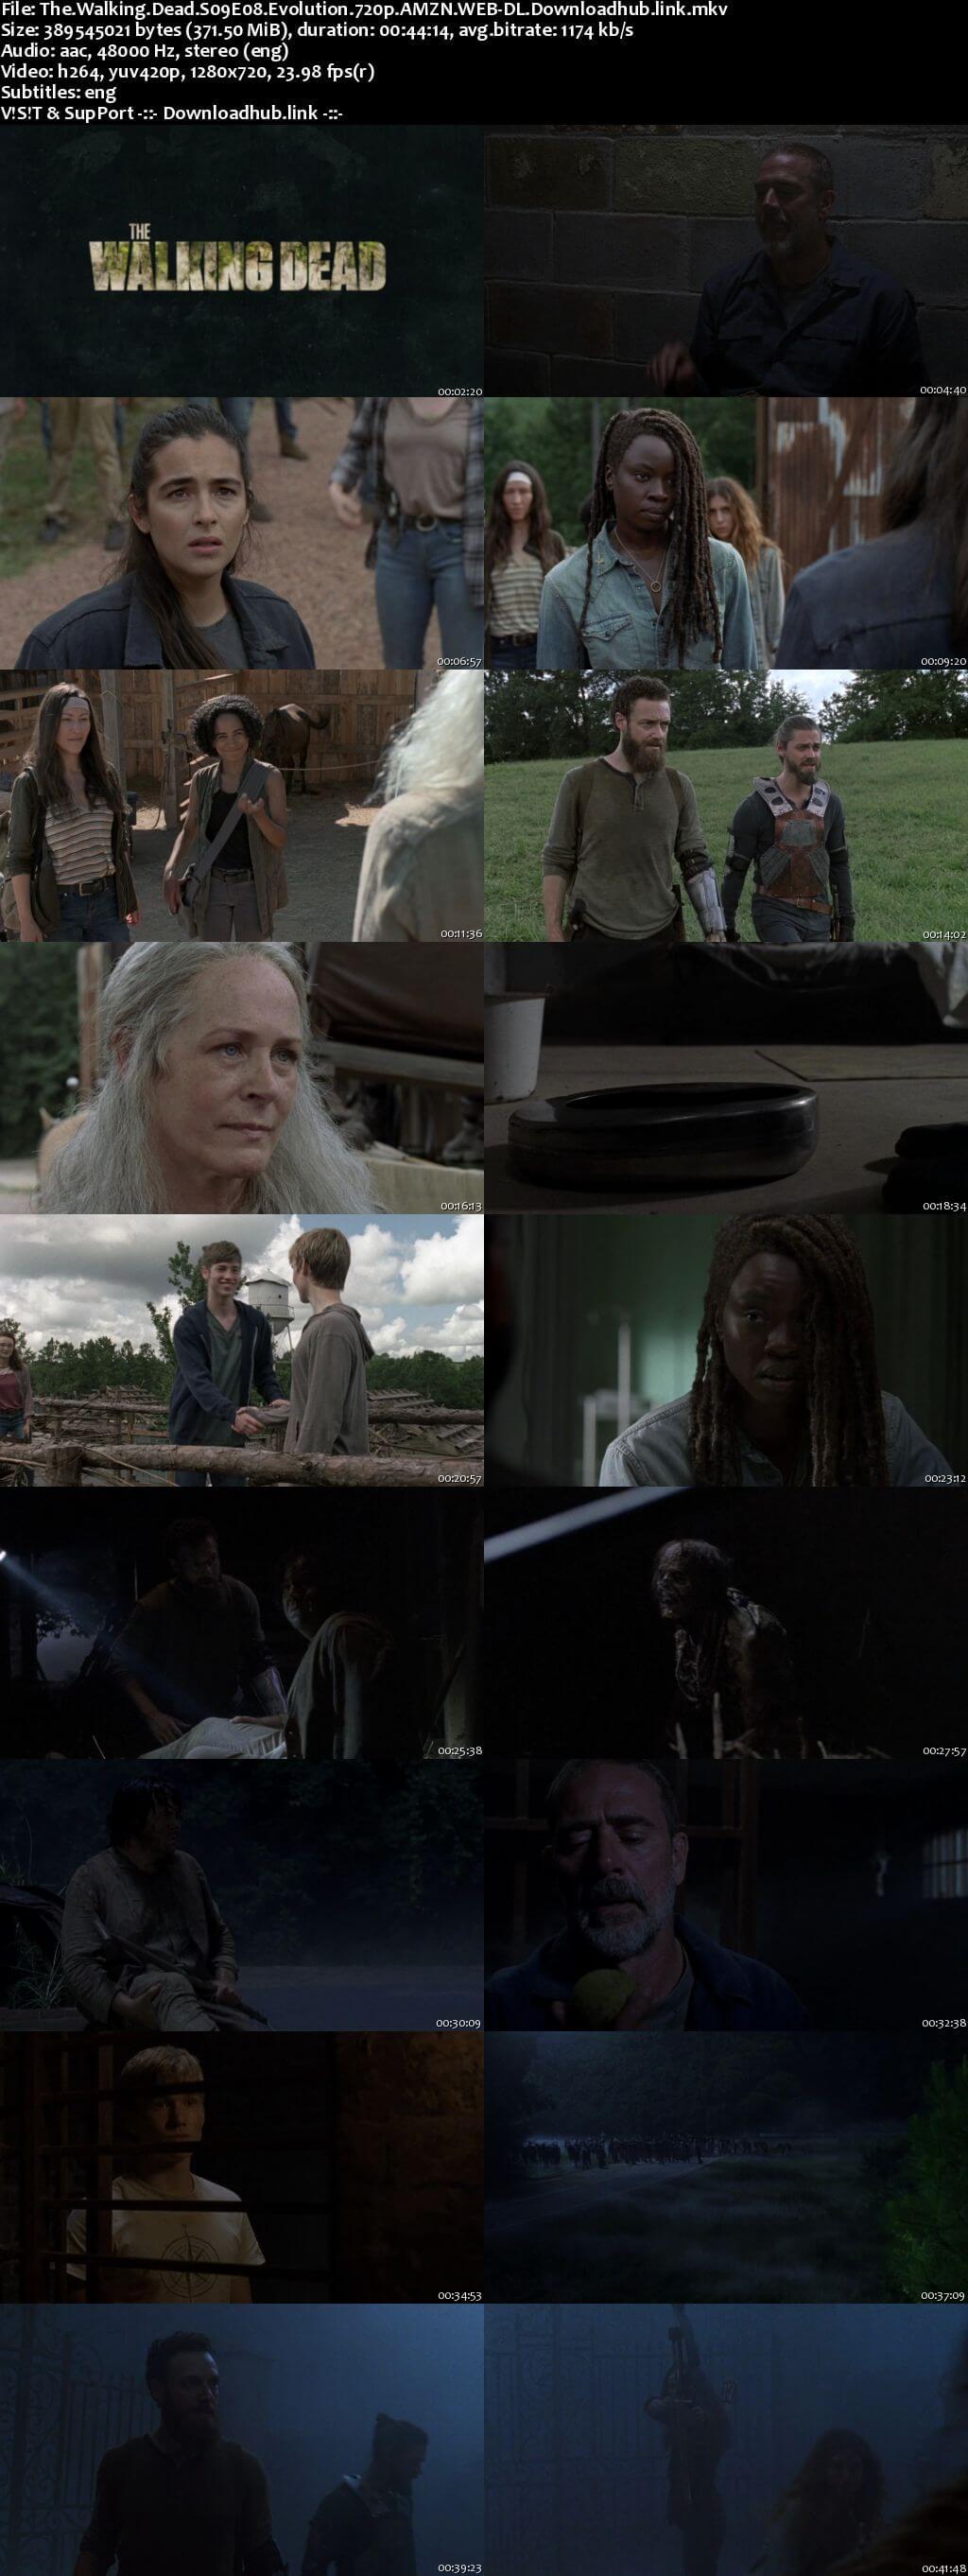 Walking Dead 720p web dl